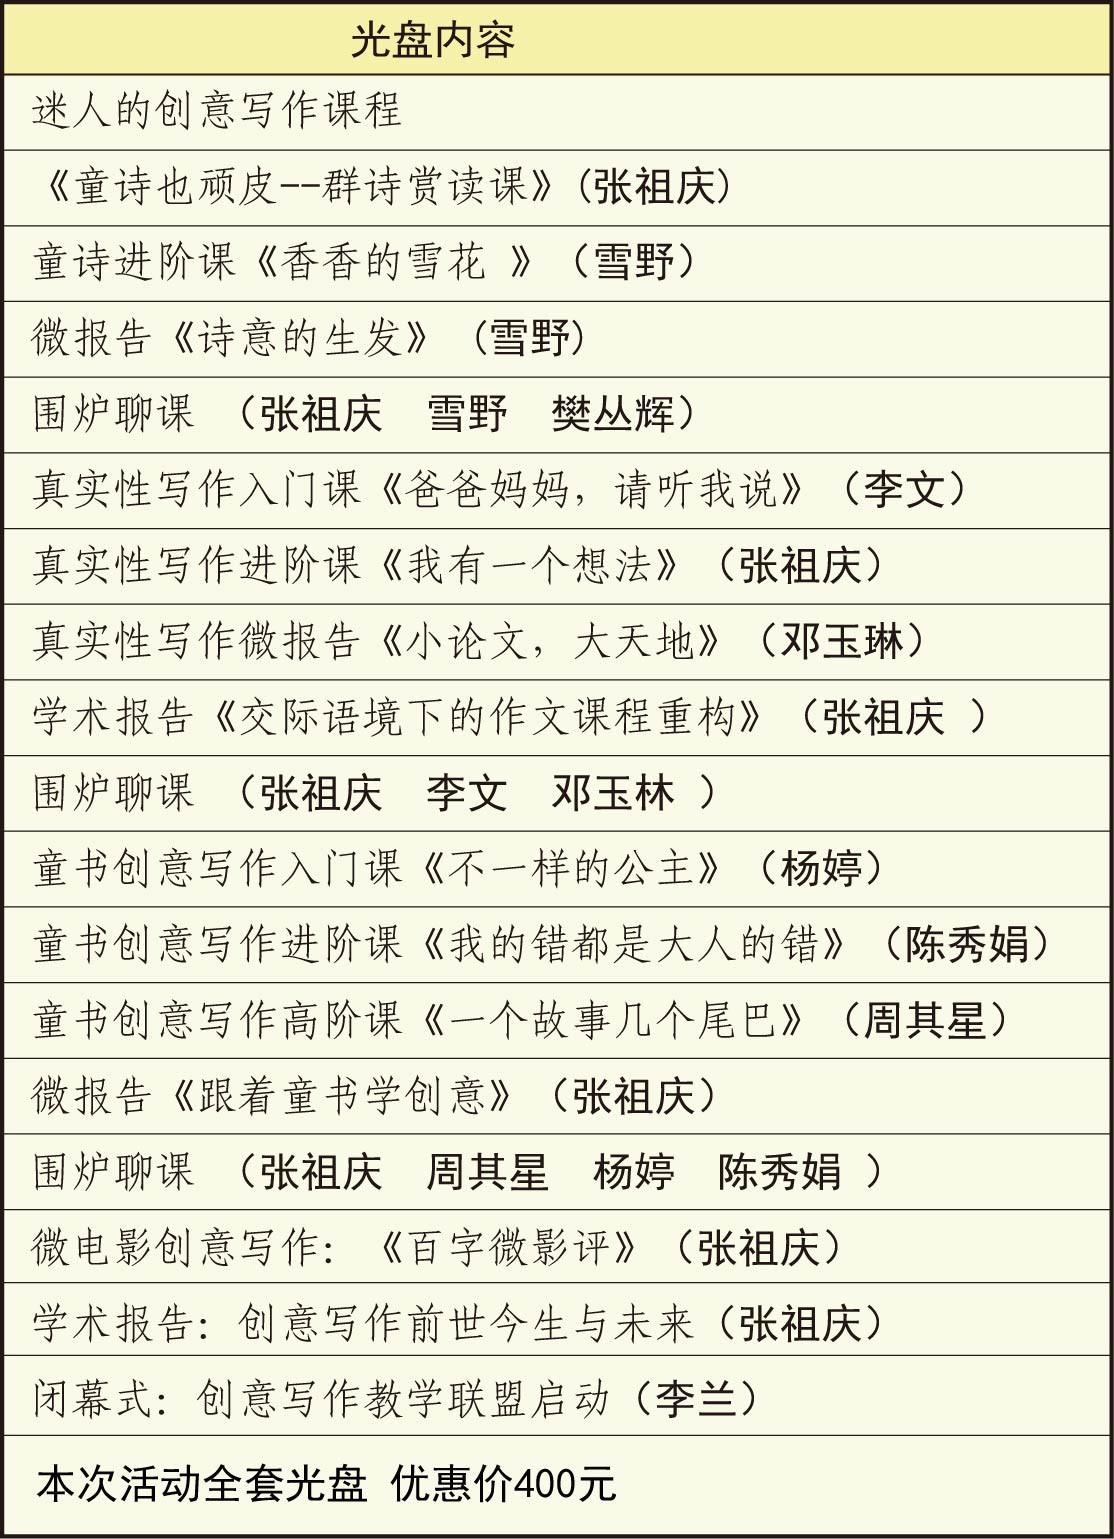 27届深圳作文光盘图.jpg